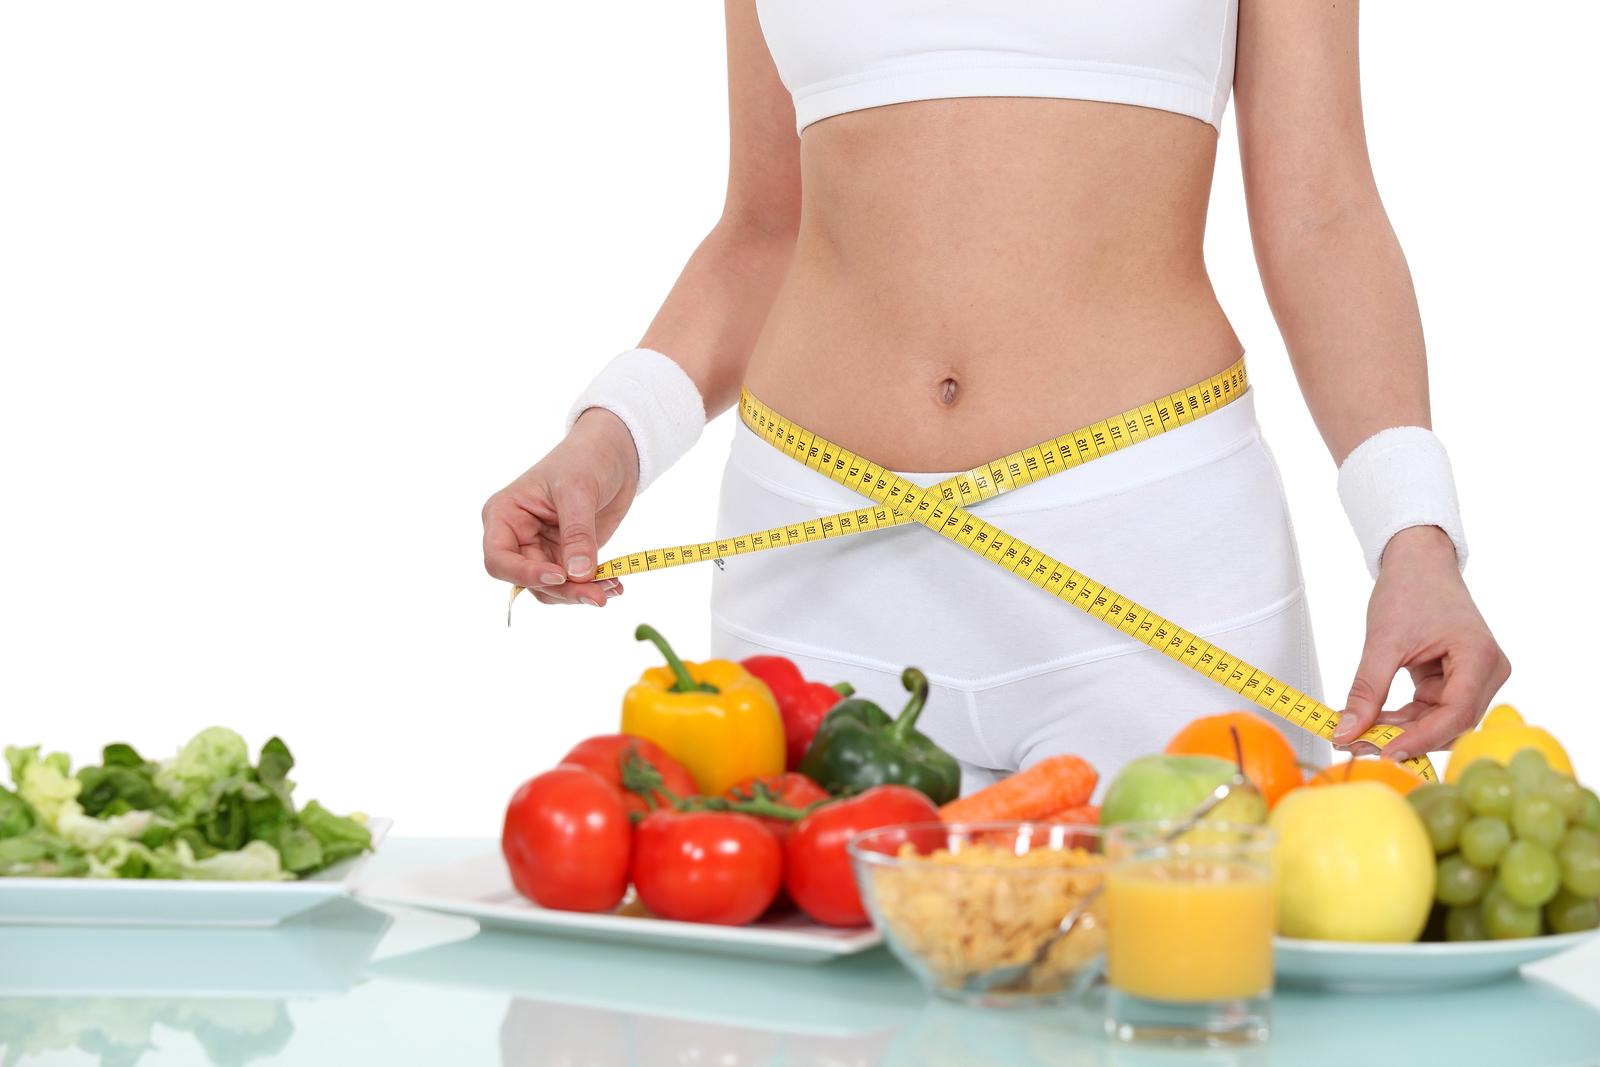 11 cách giảm cân tại nhà lành mạnh và hiệu quả không cần ăn kiêng